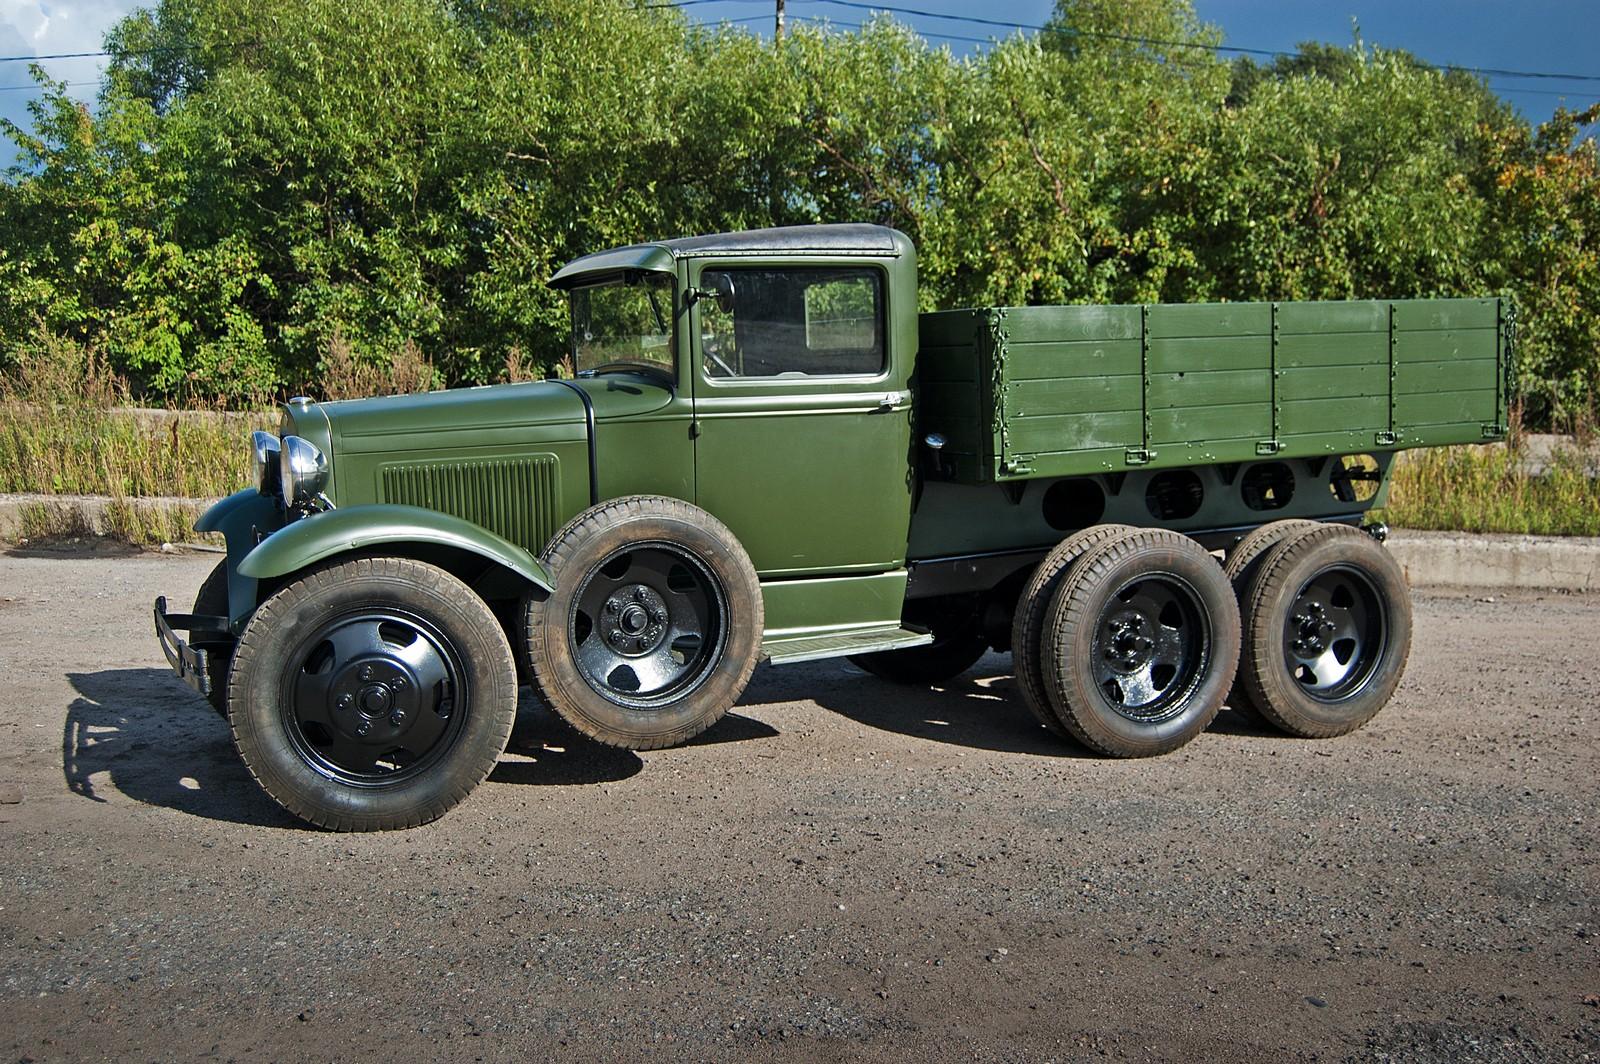 Три моста, 12 колёс: тест-драйв ГАЗ-ААА 1937 года